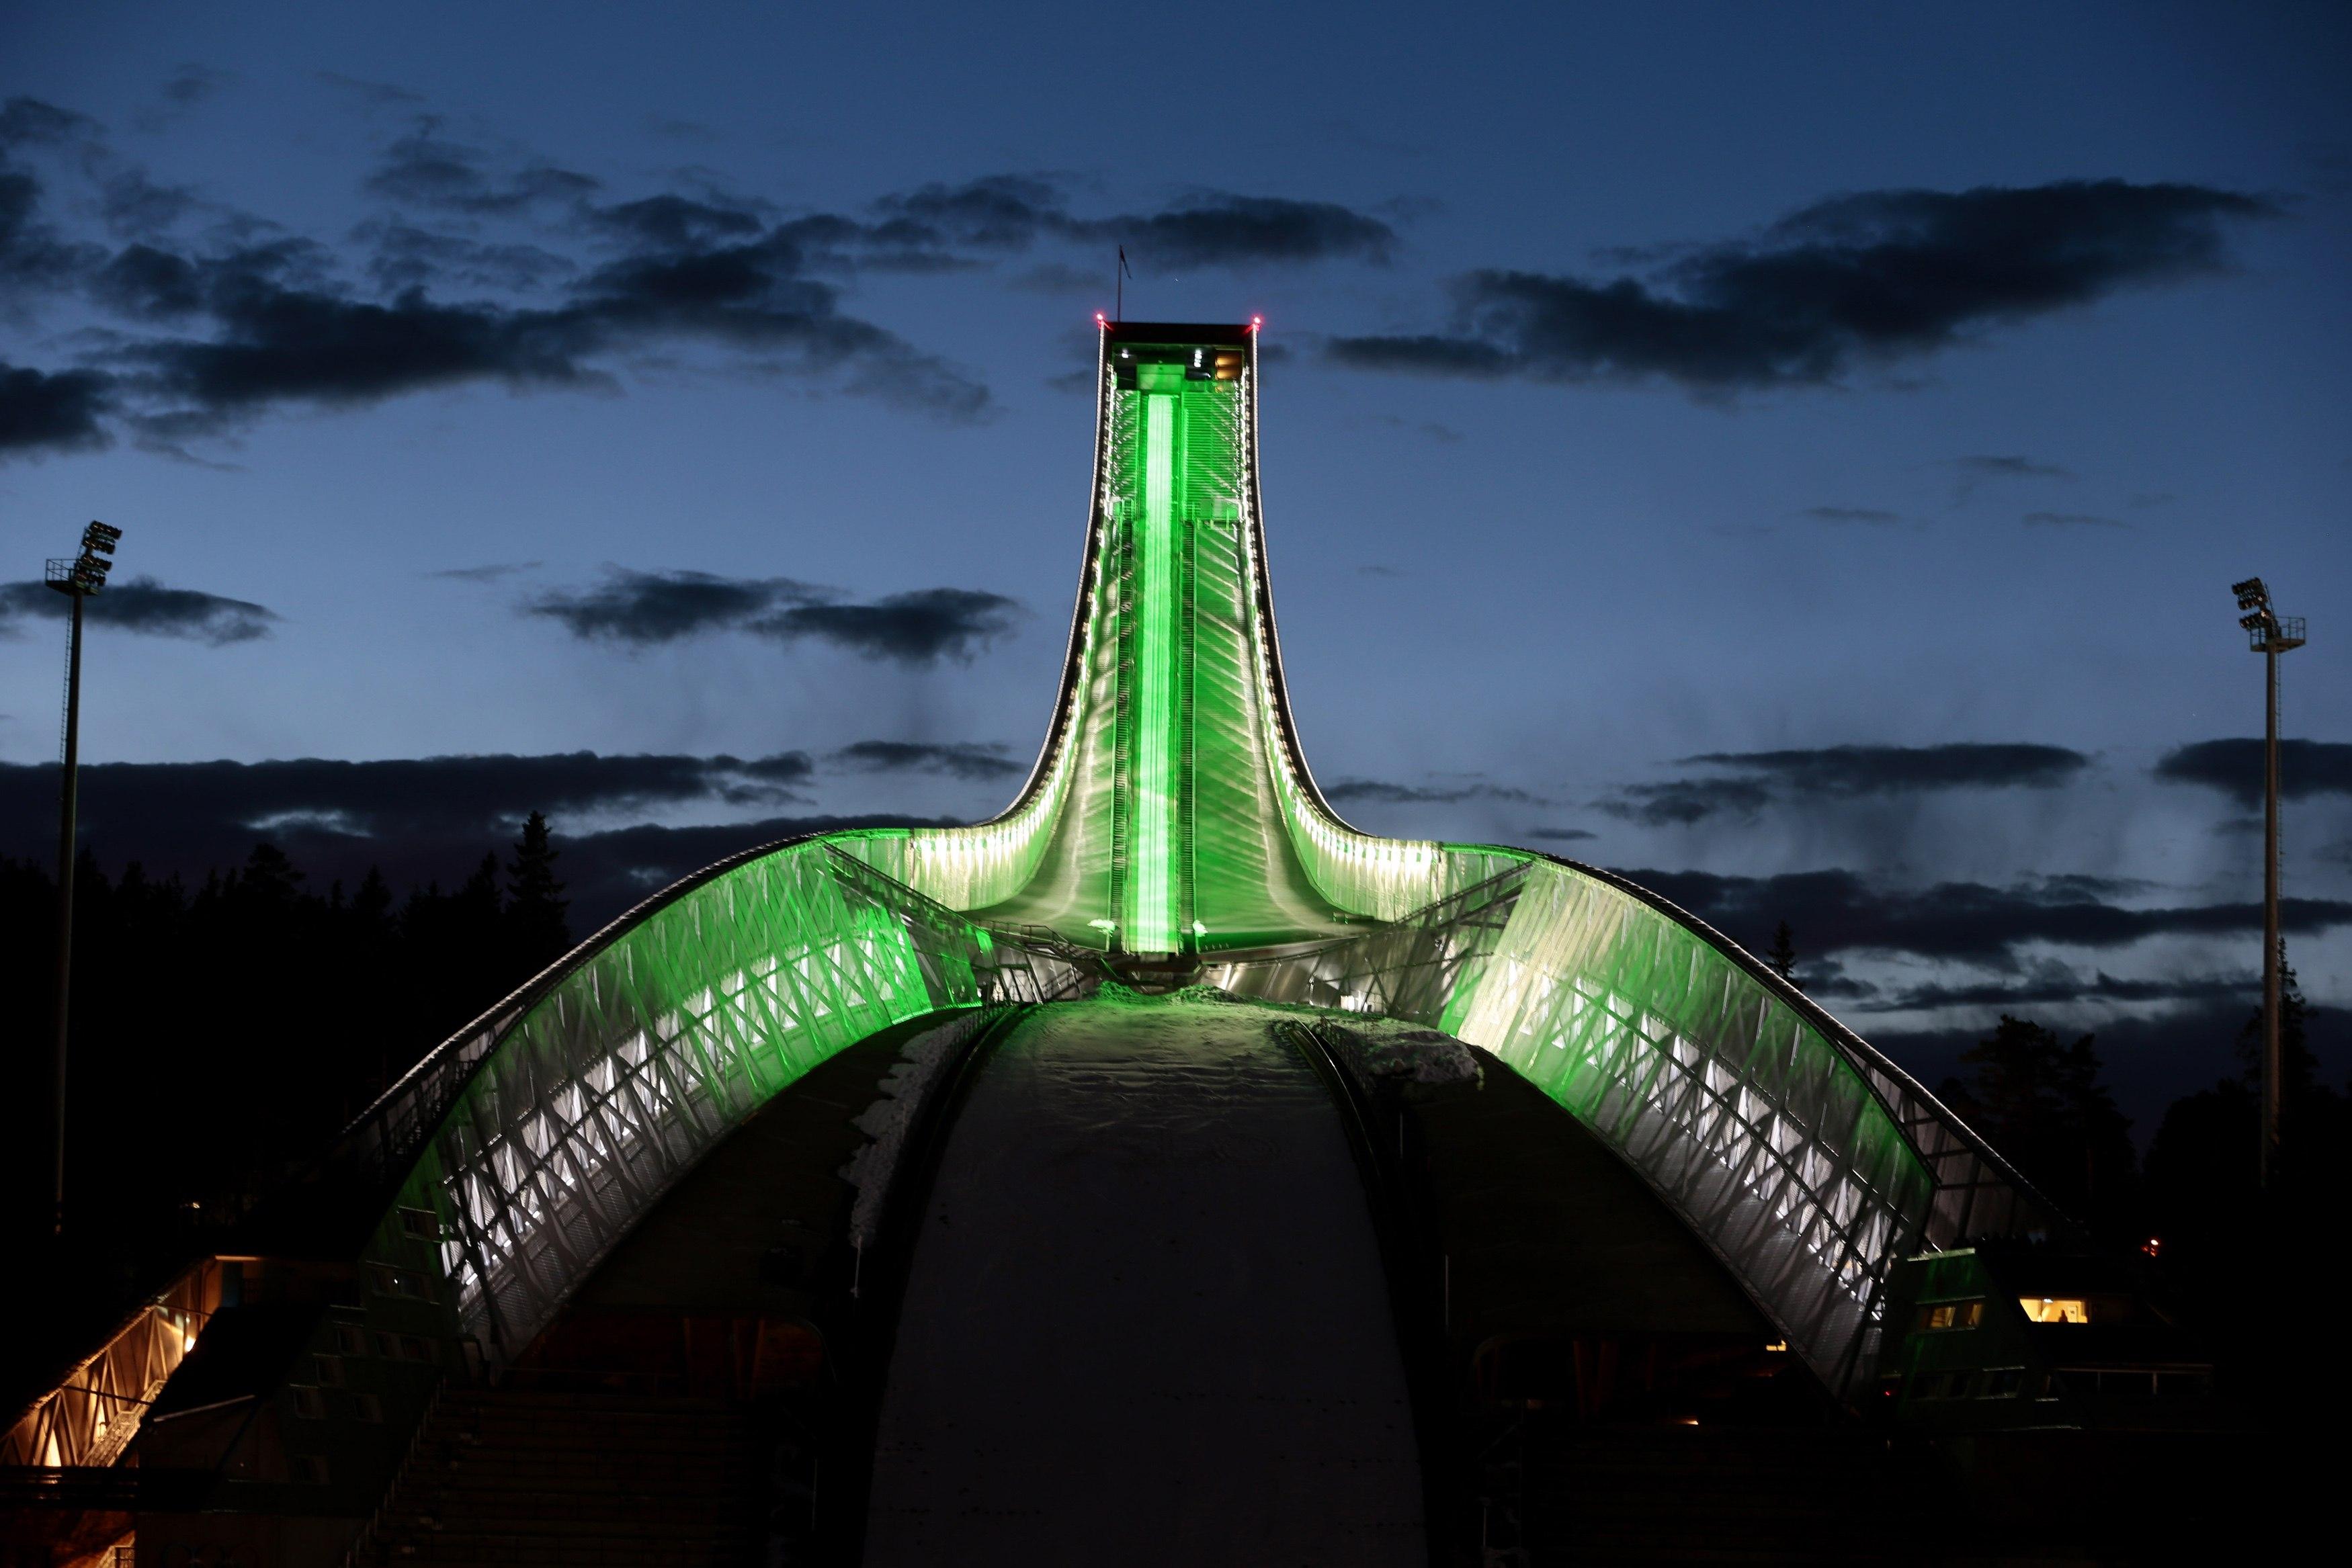 Em Oslo, na Noruega, o trampolim para saltos de ski de Holmenkollen, o mais antigo do mundo, ganhou tons verdes | Hakon Mosvold Larsen/Reuters